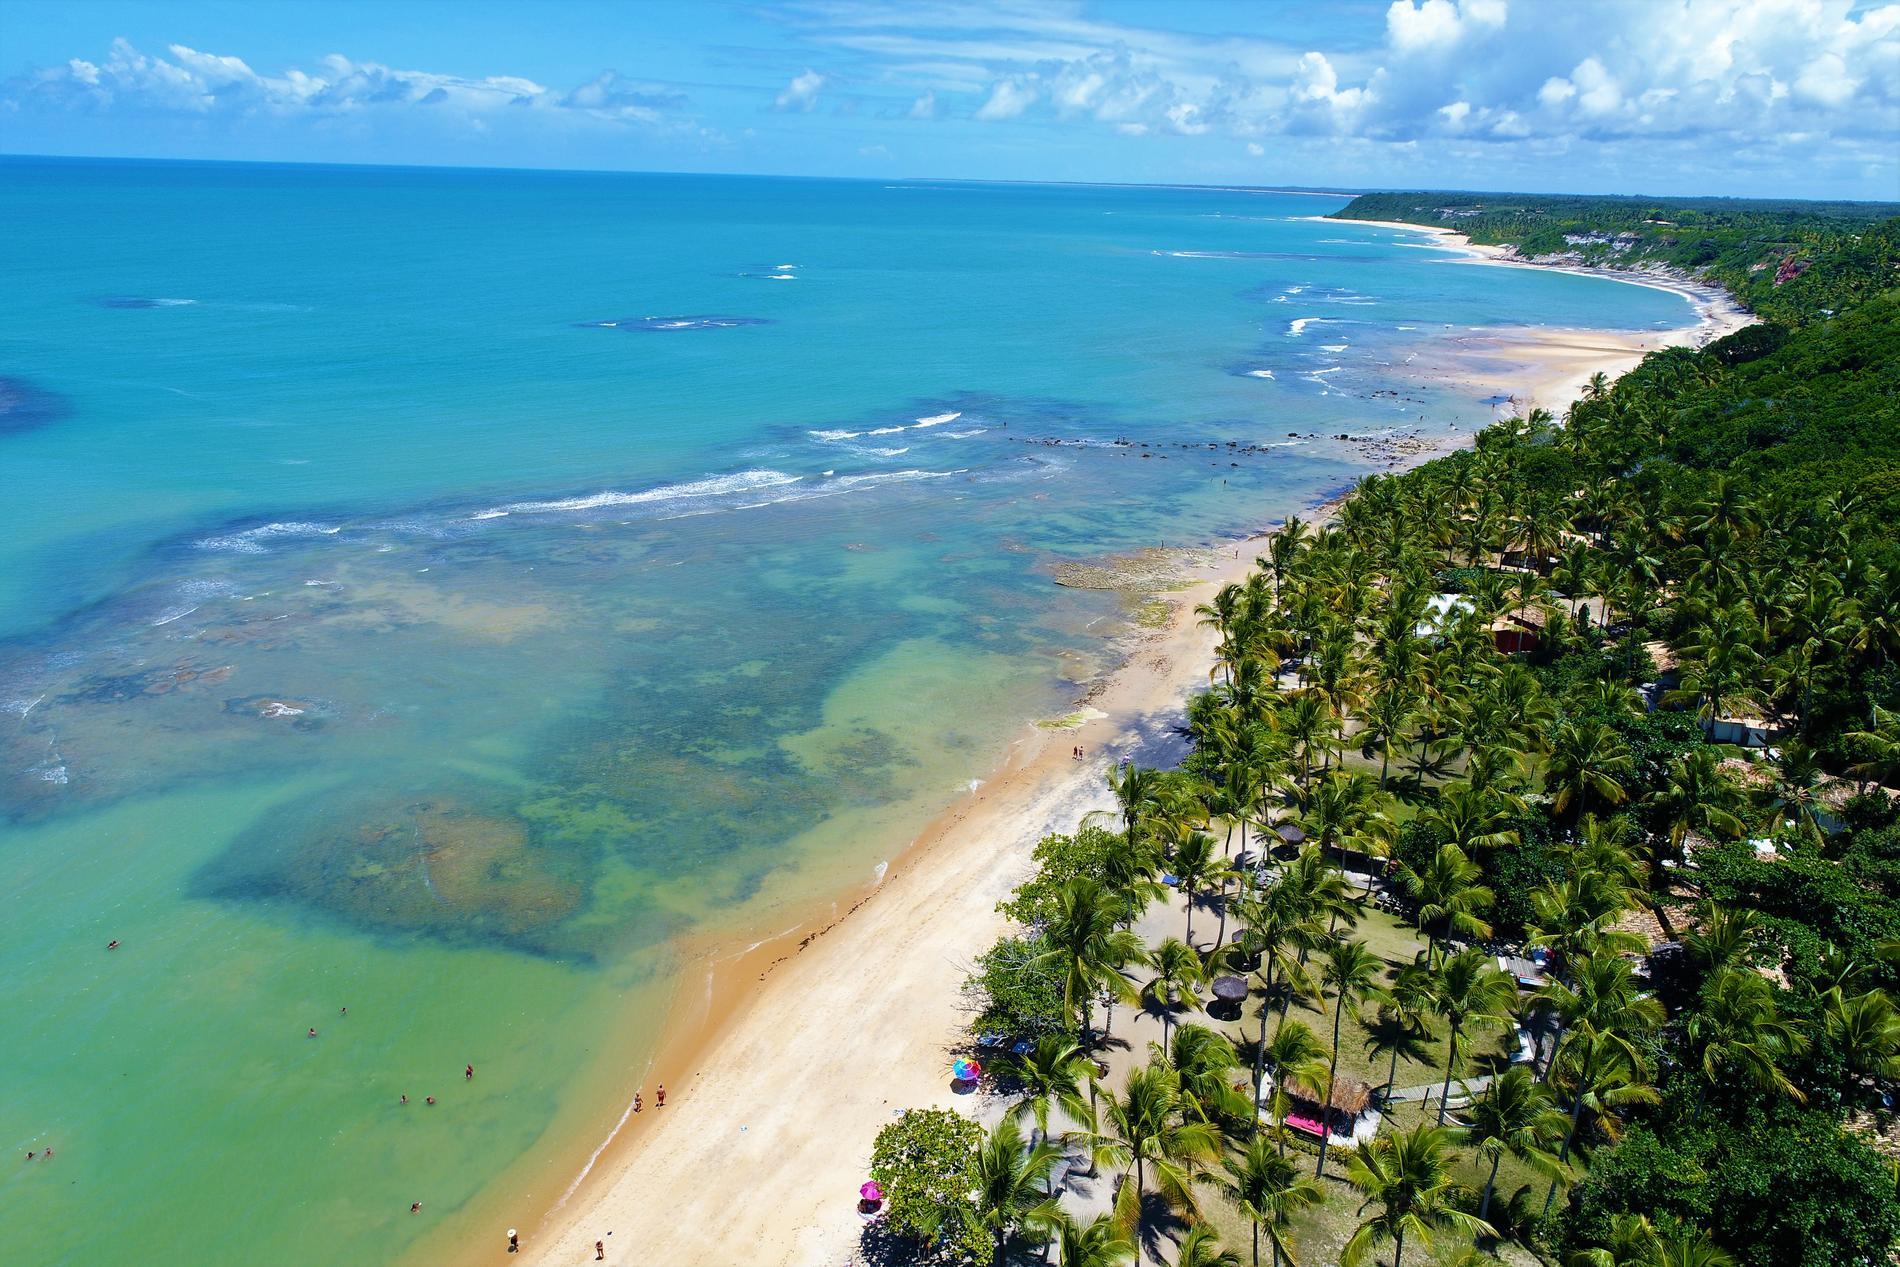 Många vill uppleva Rio de Janeiro för att sedan sola och bada, kanske på stranden i Trancoso, i Bahia?